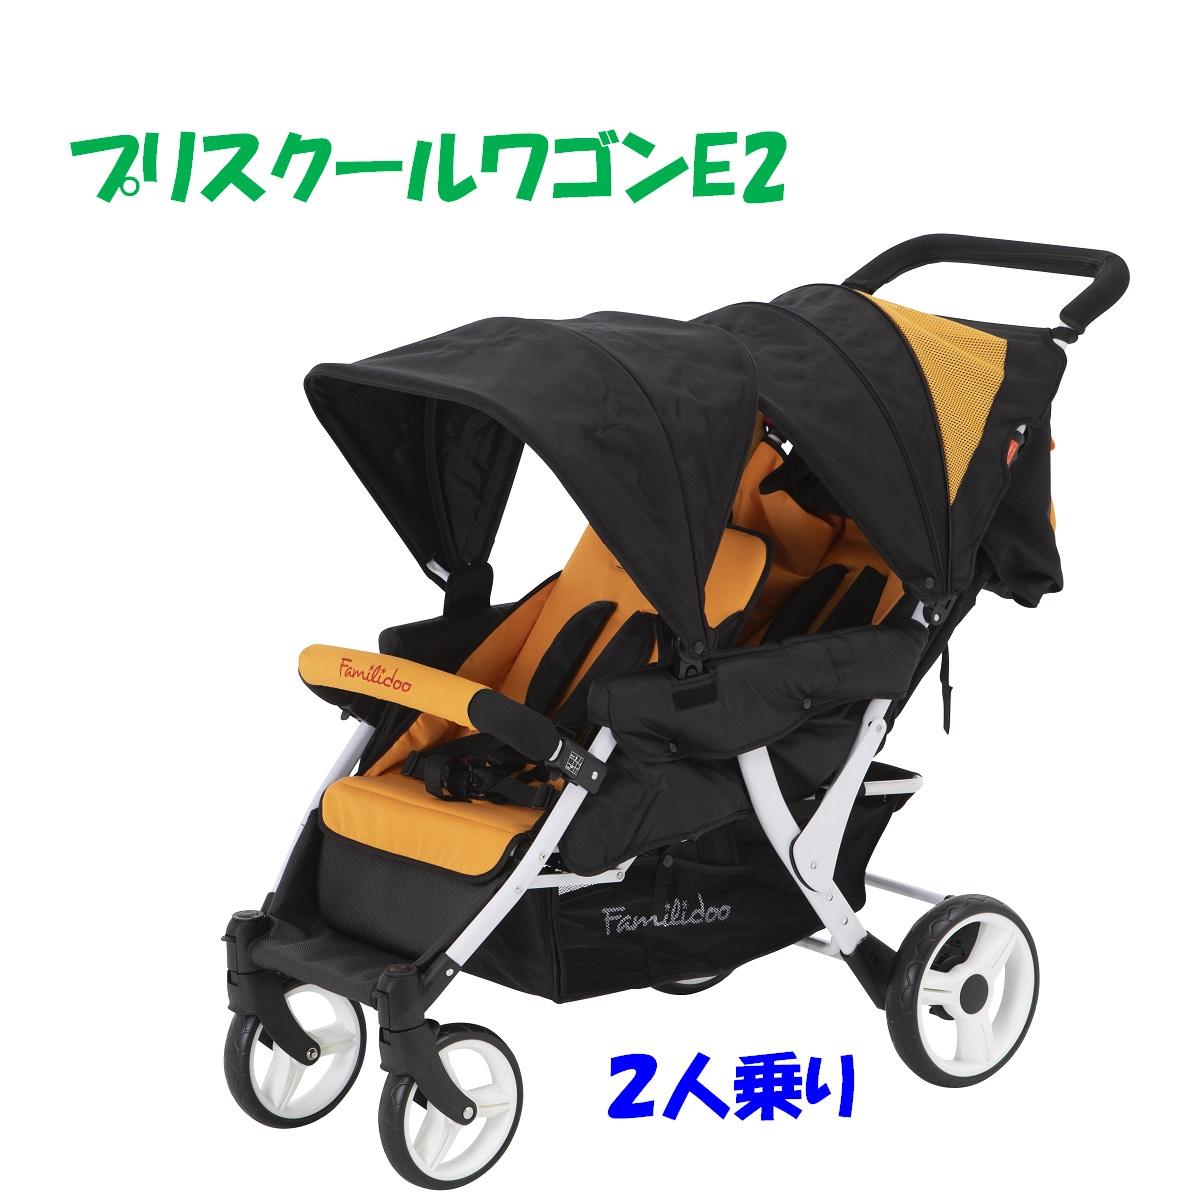 【ママ割エントリーで+5倍】【二人乗りベビーカー】日本育児 プリスクールワゴンE2 オレンジ6670013001 / 2人のり おさんぽ【ラッキーシール対応】